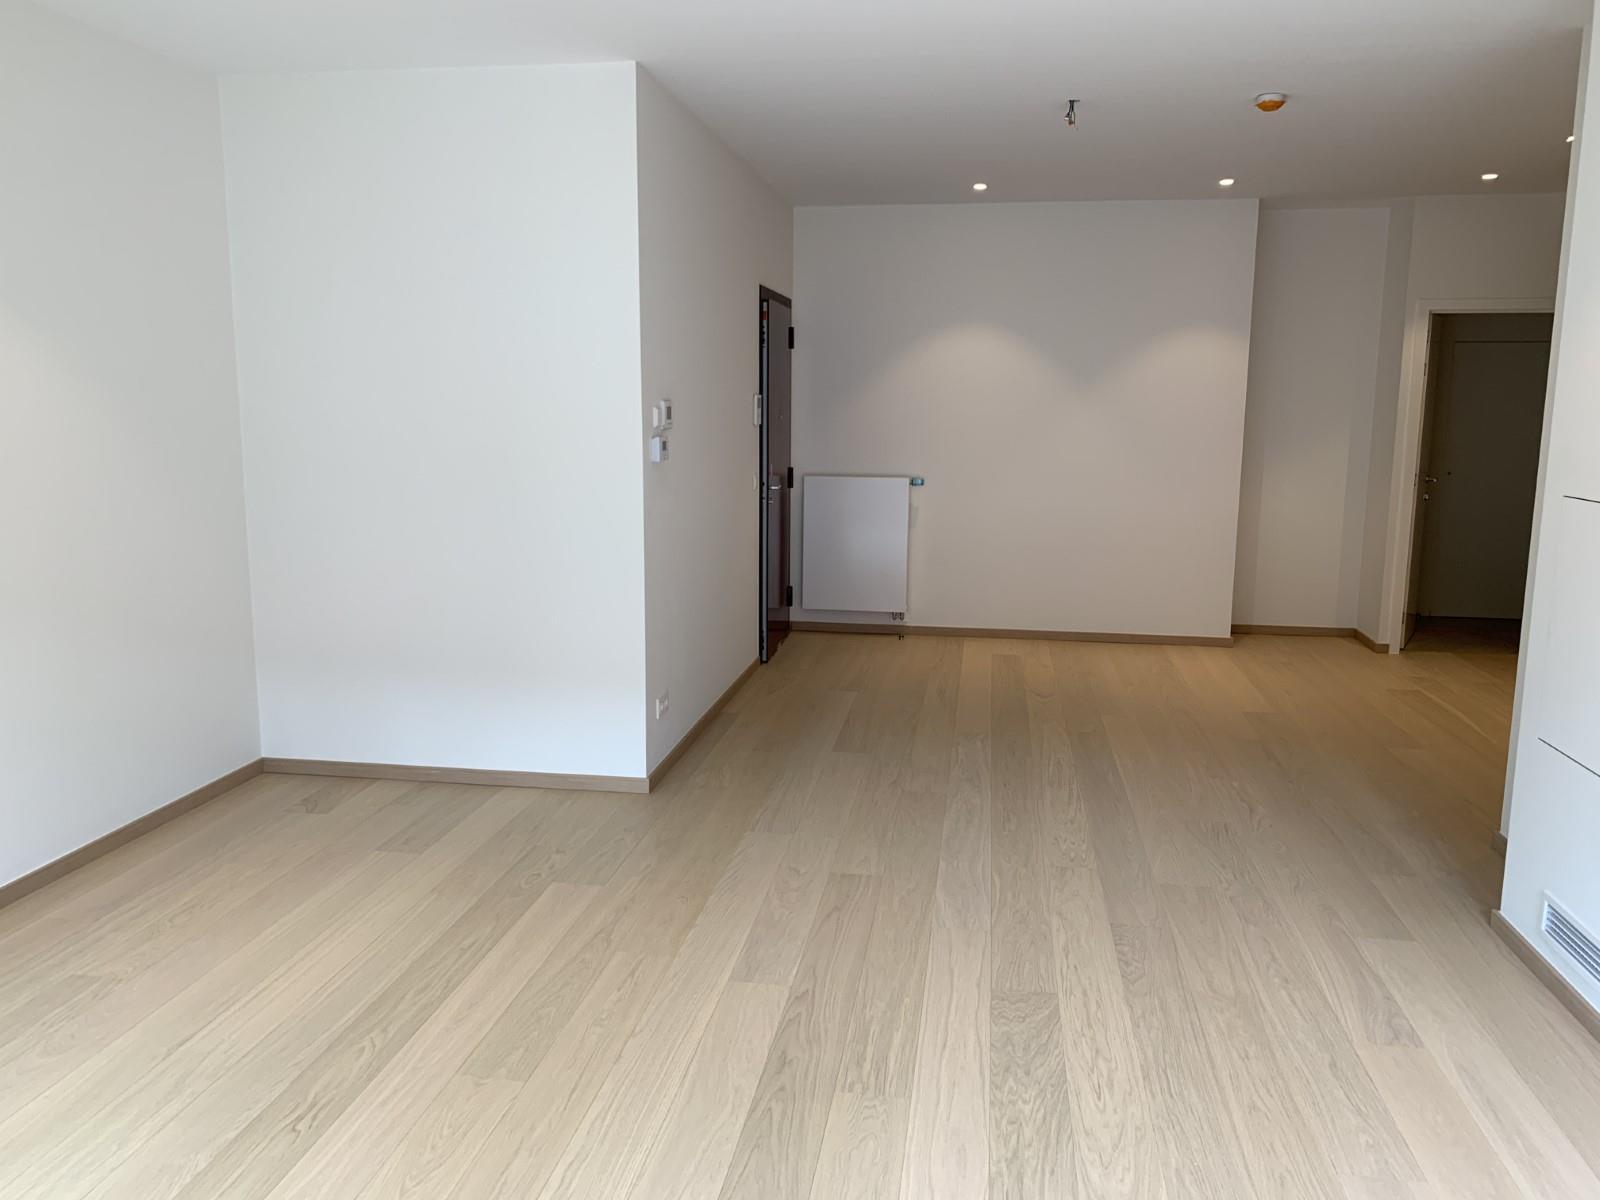 Appartement exceptionnel - Ixelles - #3929616-6